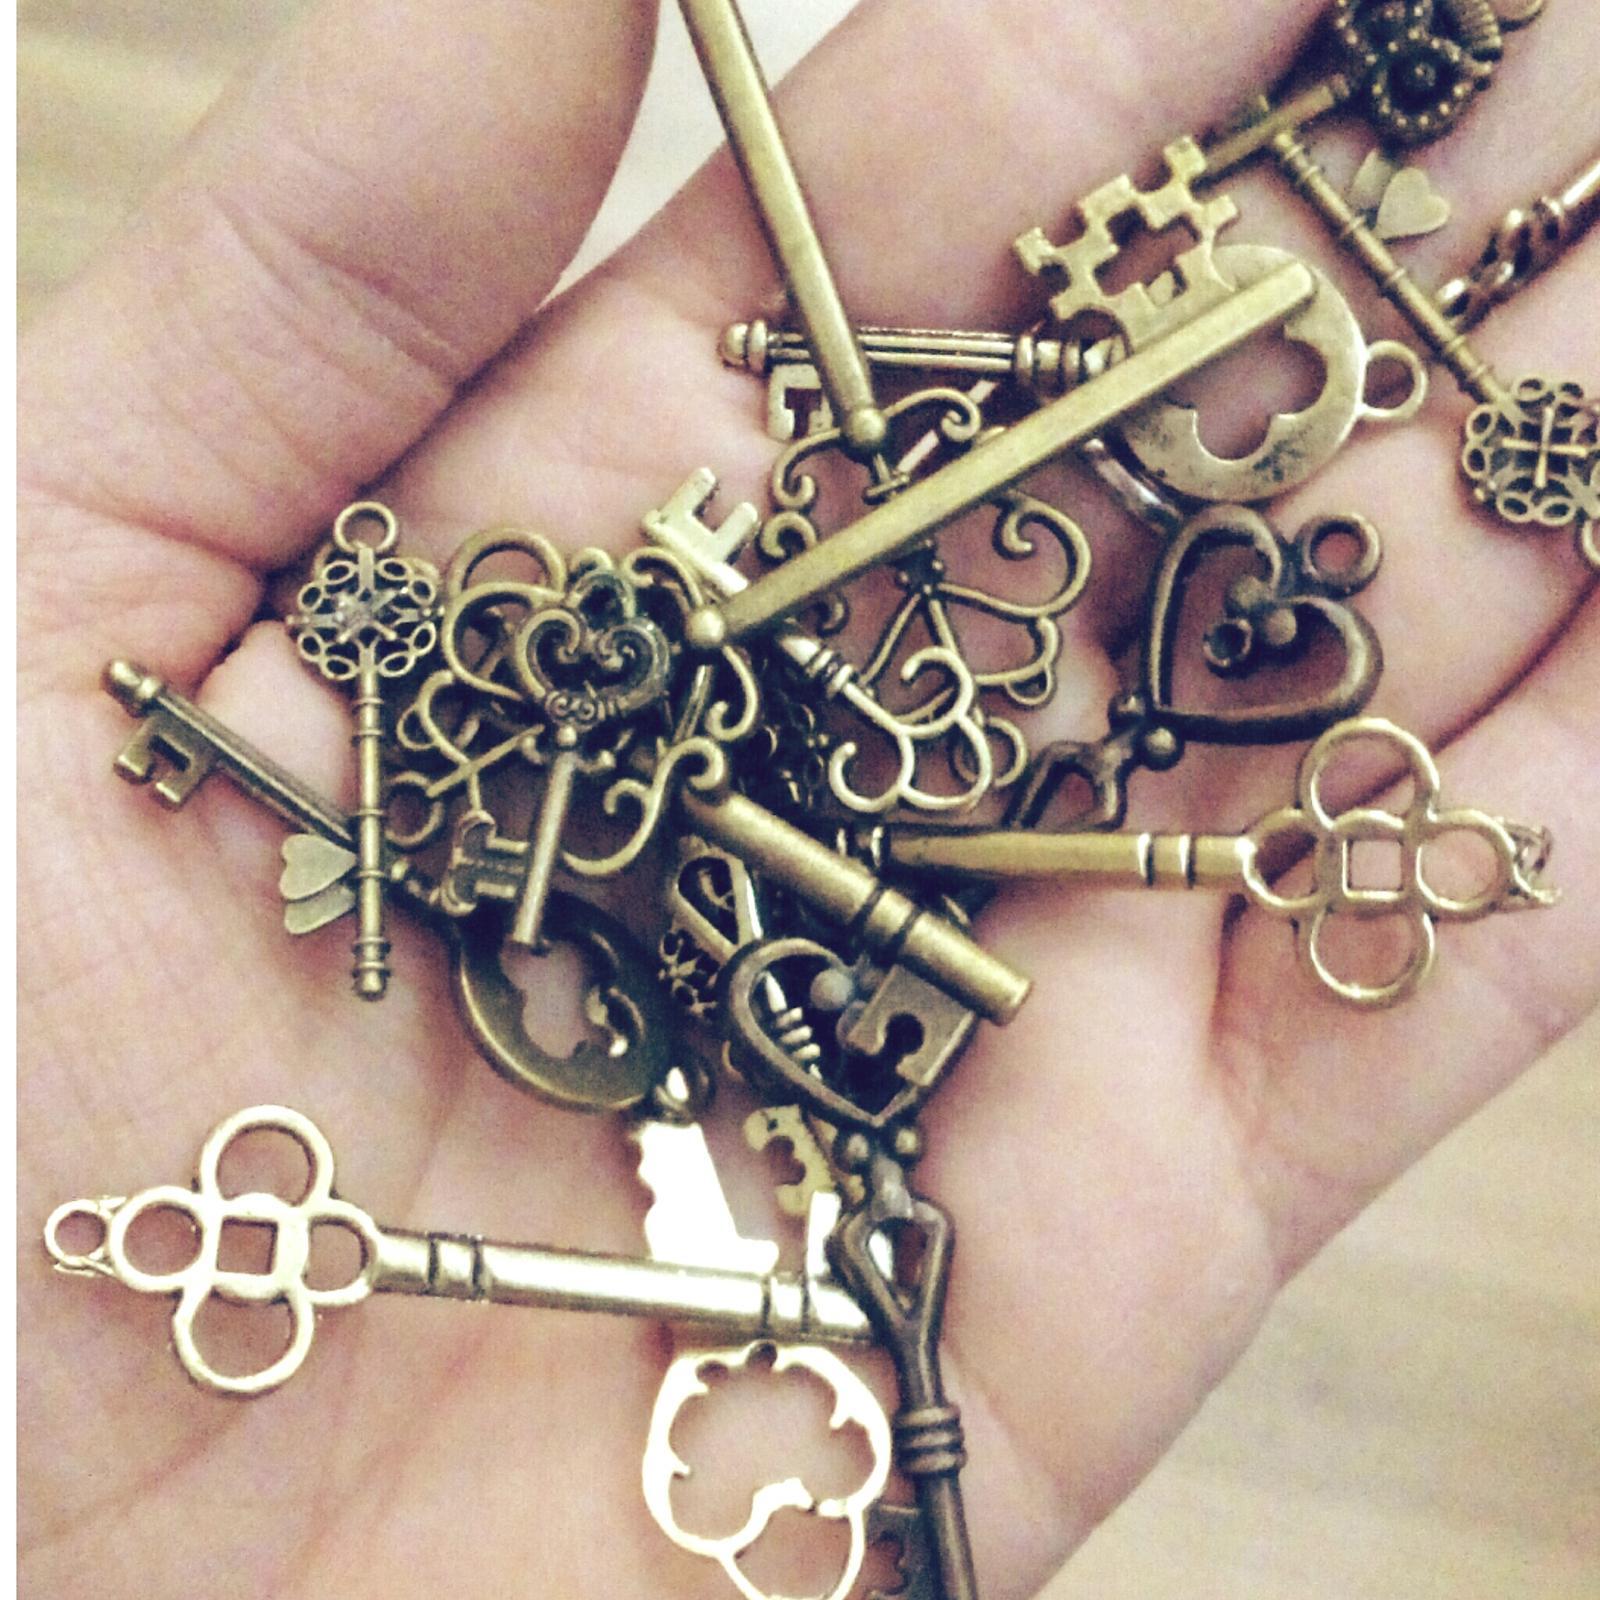 Všetko čo už máme - Kľúčiky ktoré budú na stoloch a tiež ich budem používať pri výrobe oznámení 😉😍